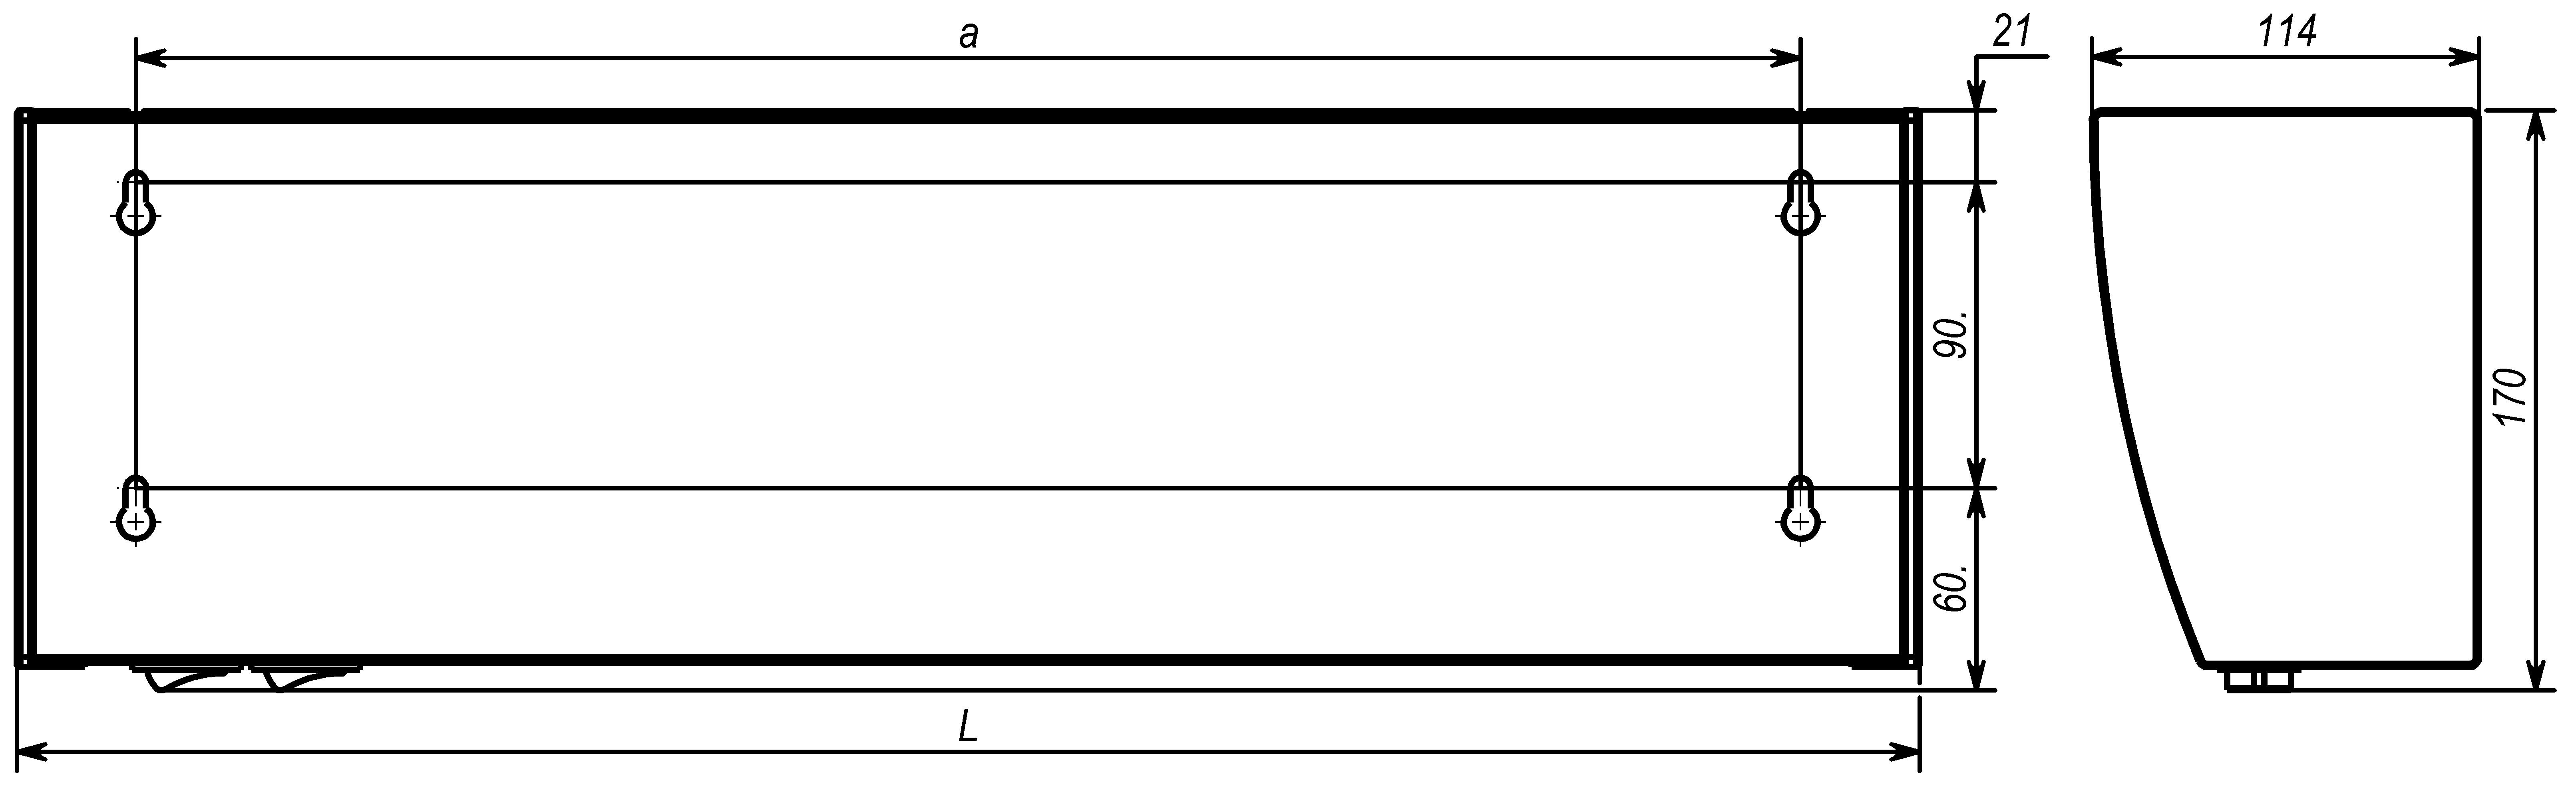 Габаритные и установочные размеры тепловой завесы Tropik Line А9